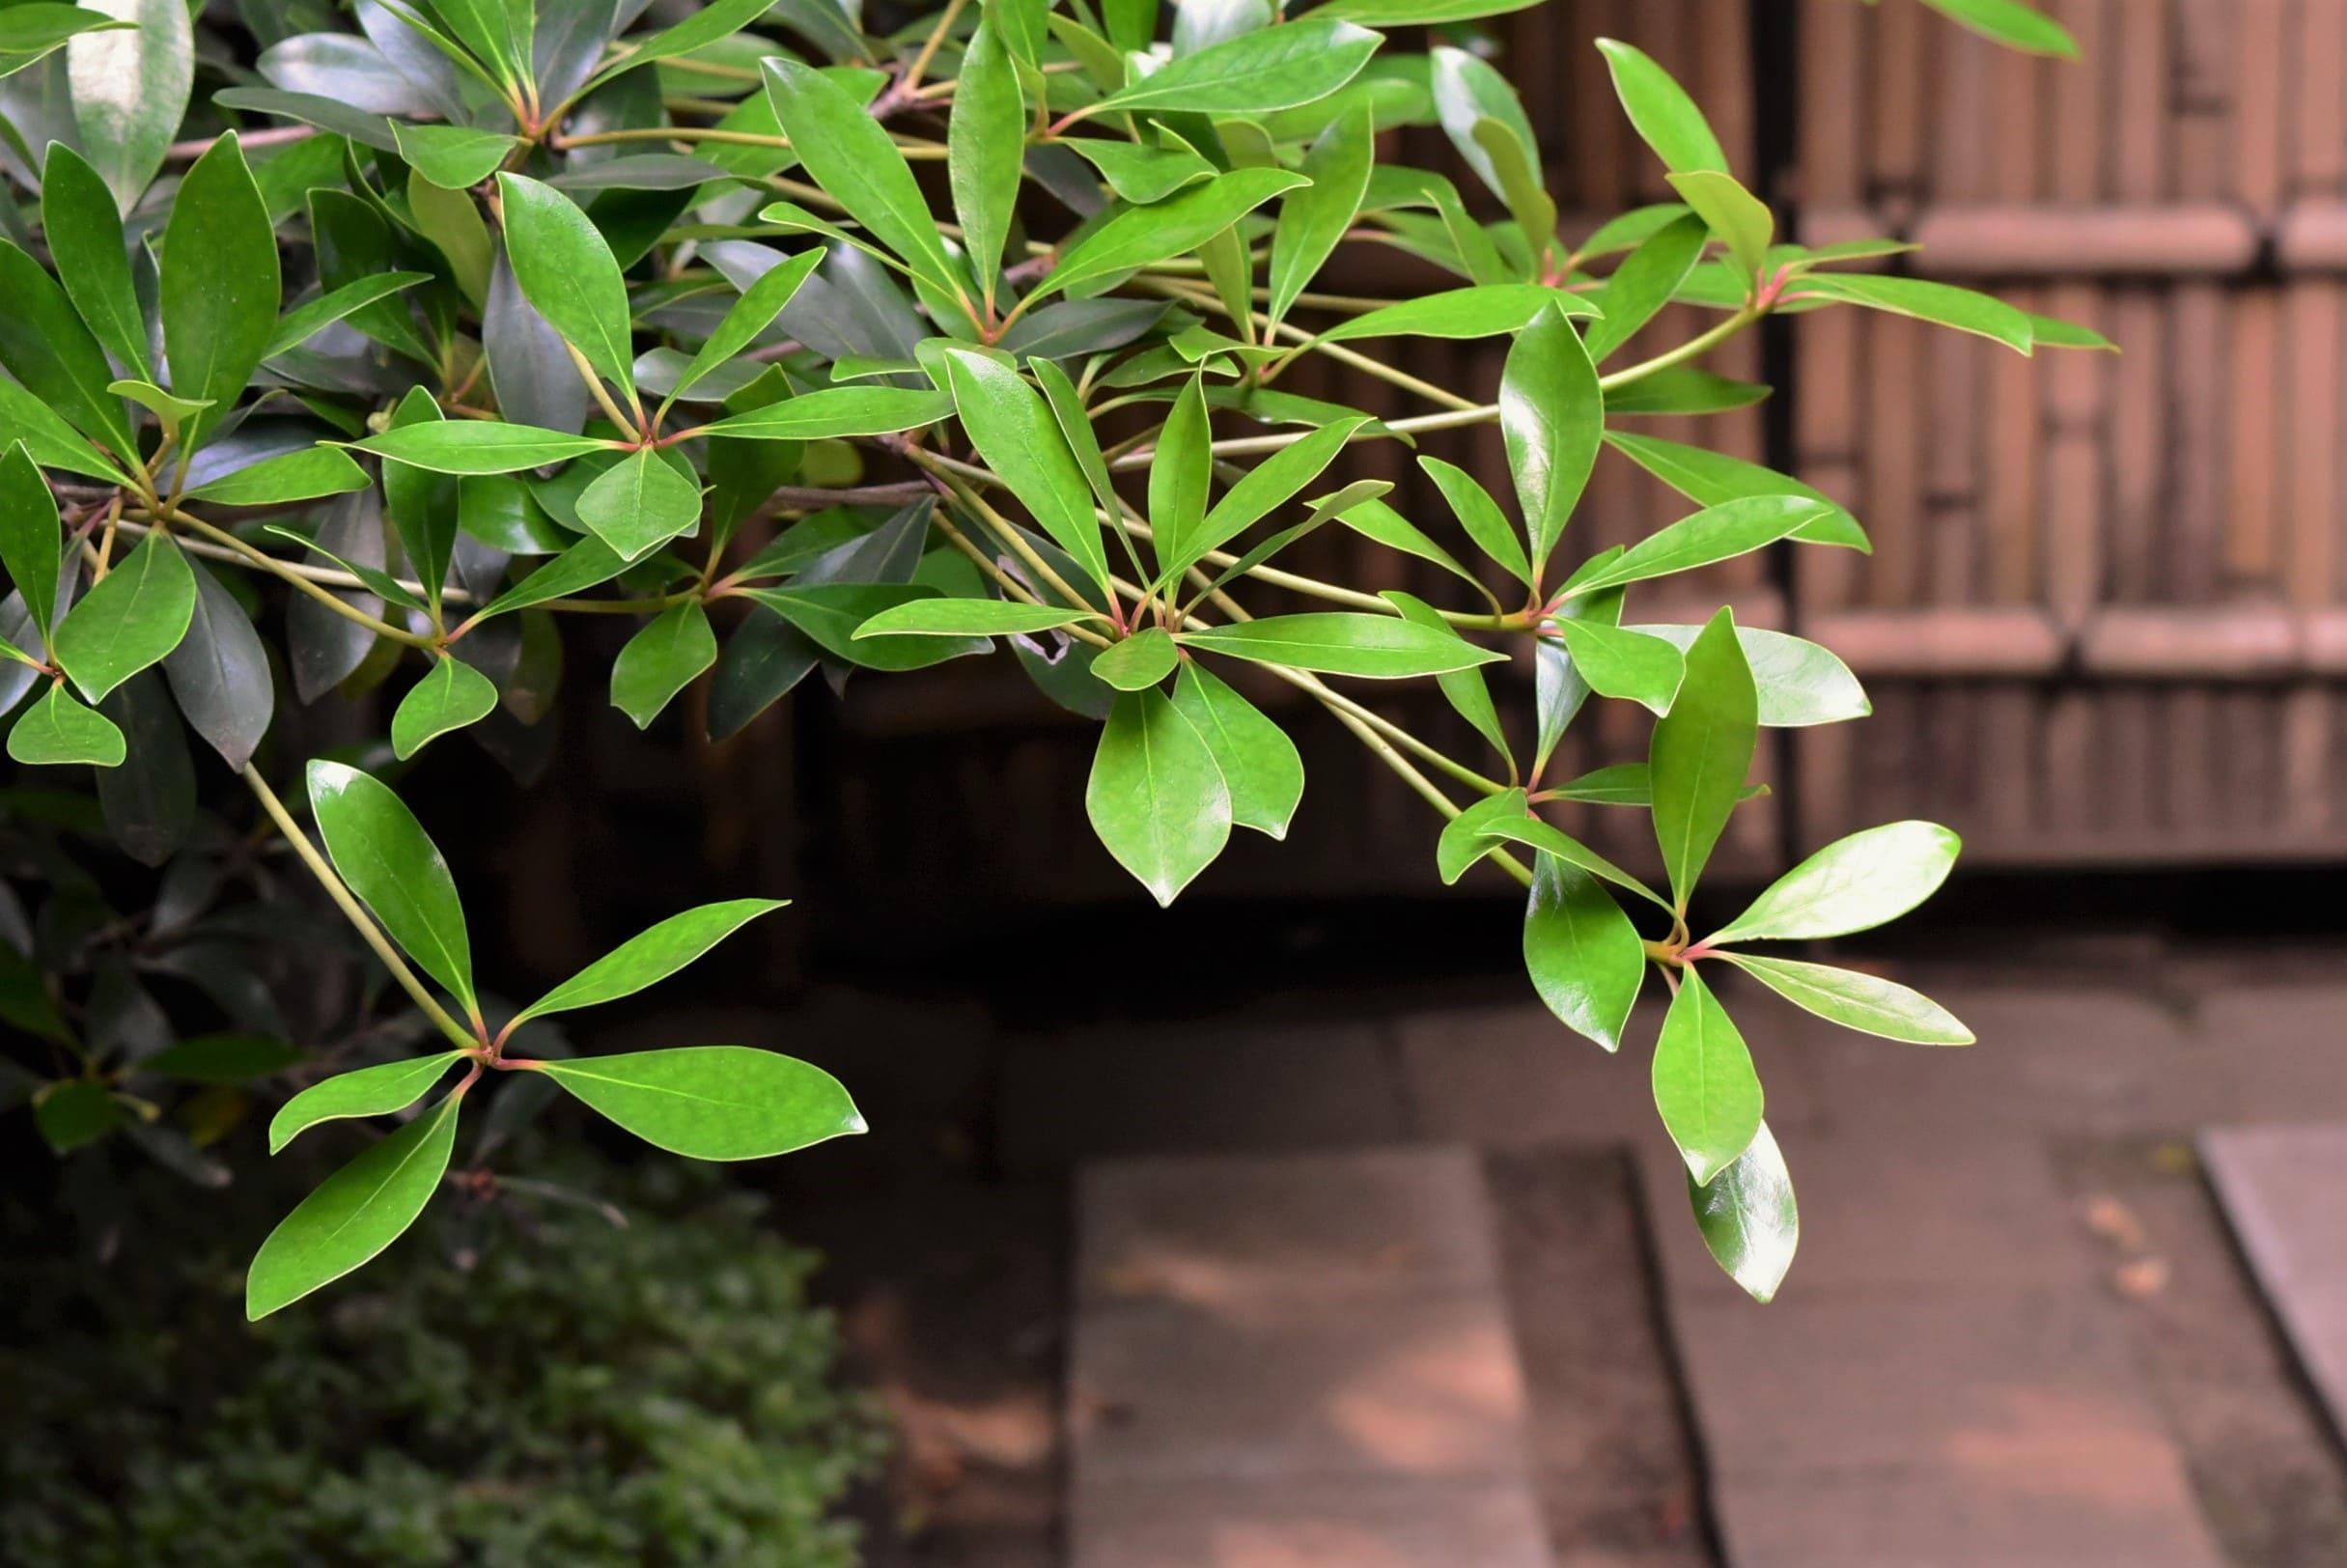 モッコクの葉っぱ 特徴